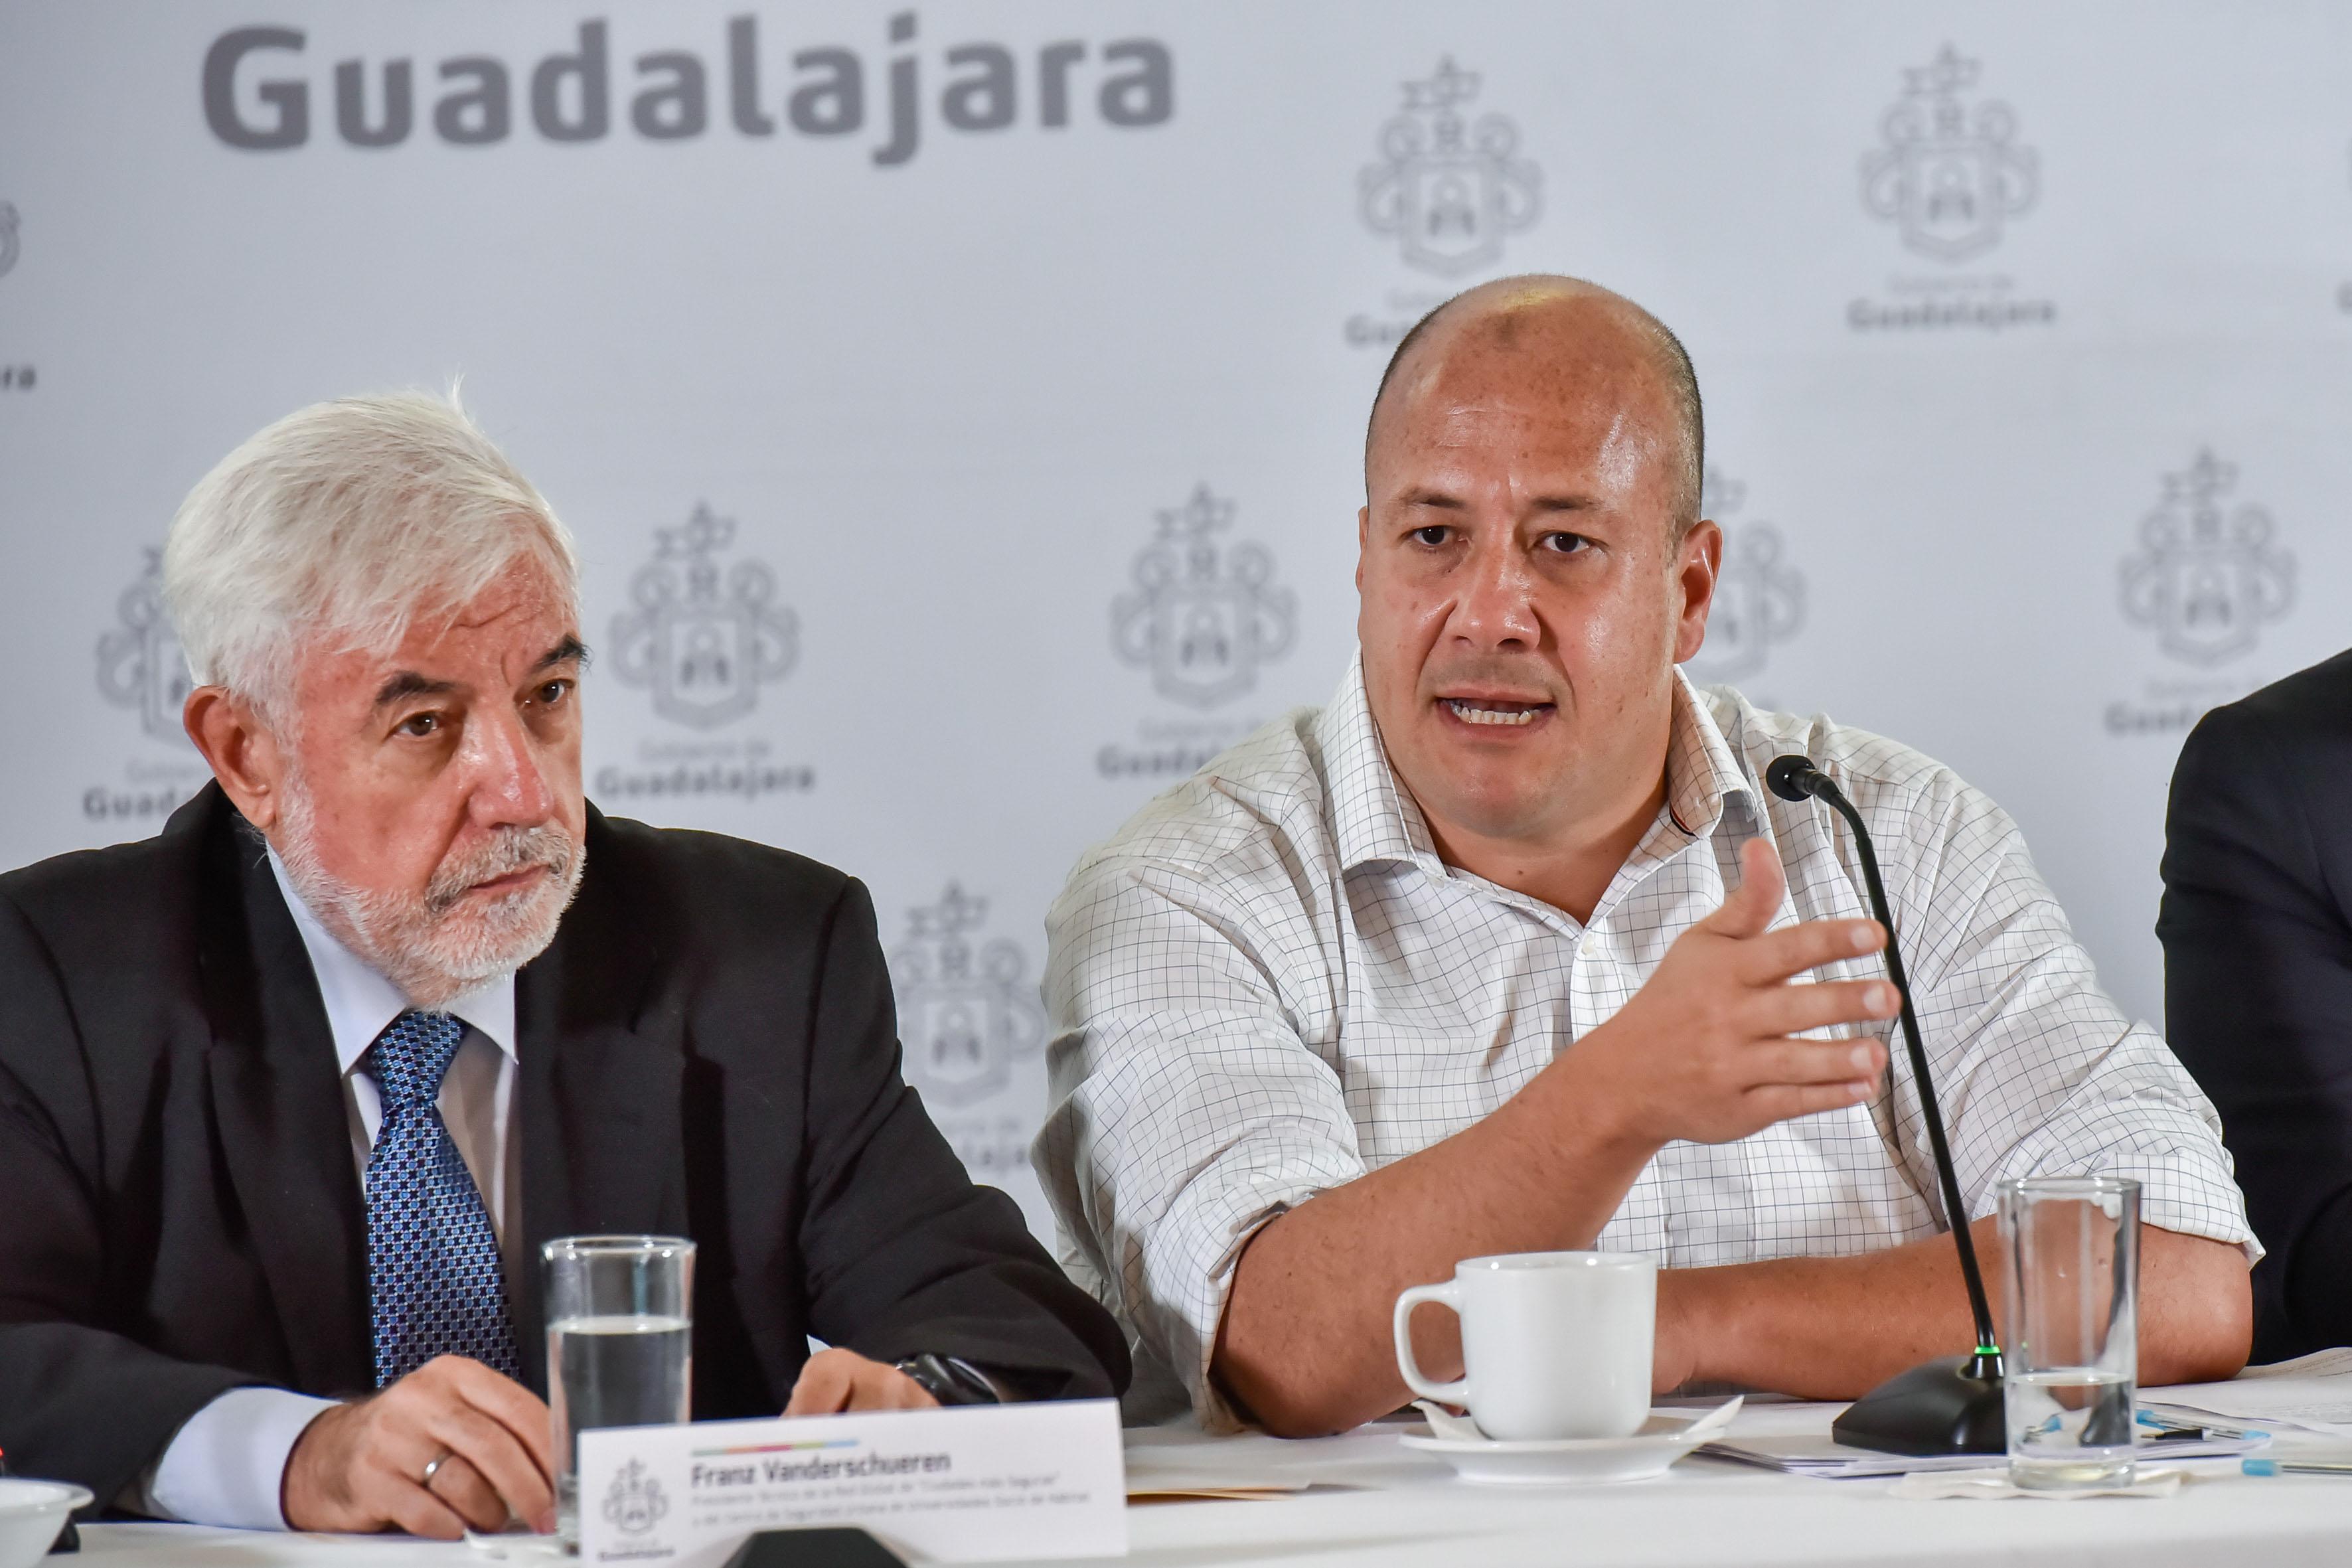 Alcalde Guadalajara, maestro Enrique Alfaro Ramírez haciendo uso de la palabra